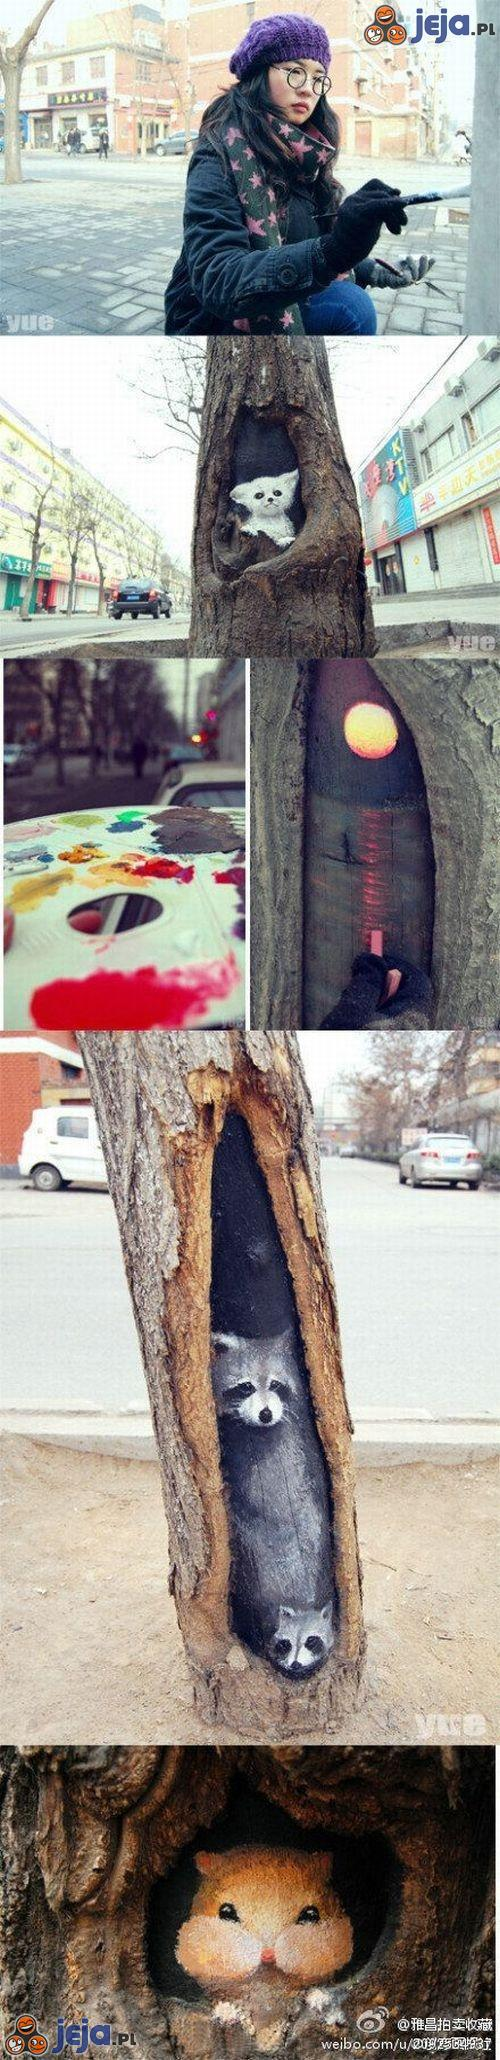 Sztuka w drzewie